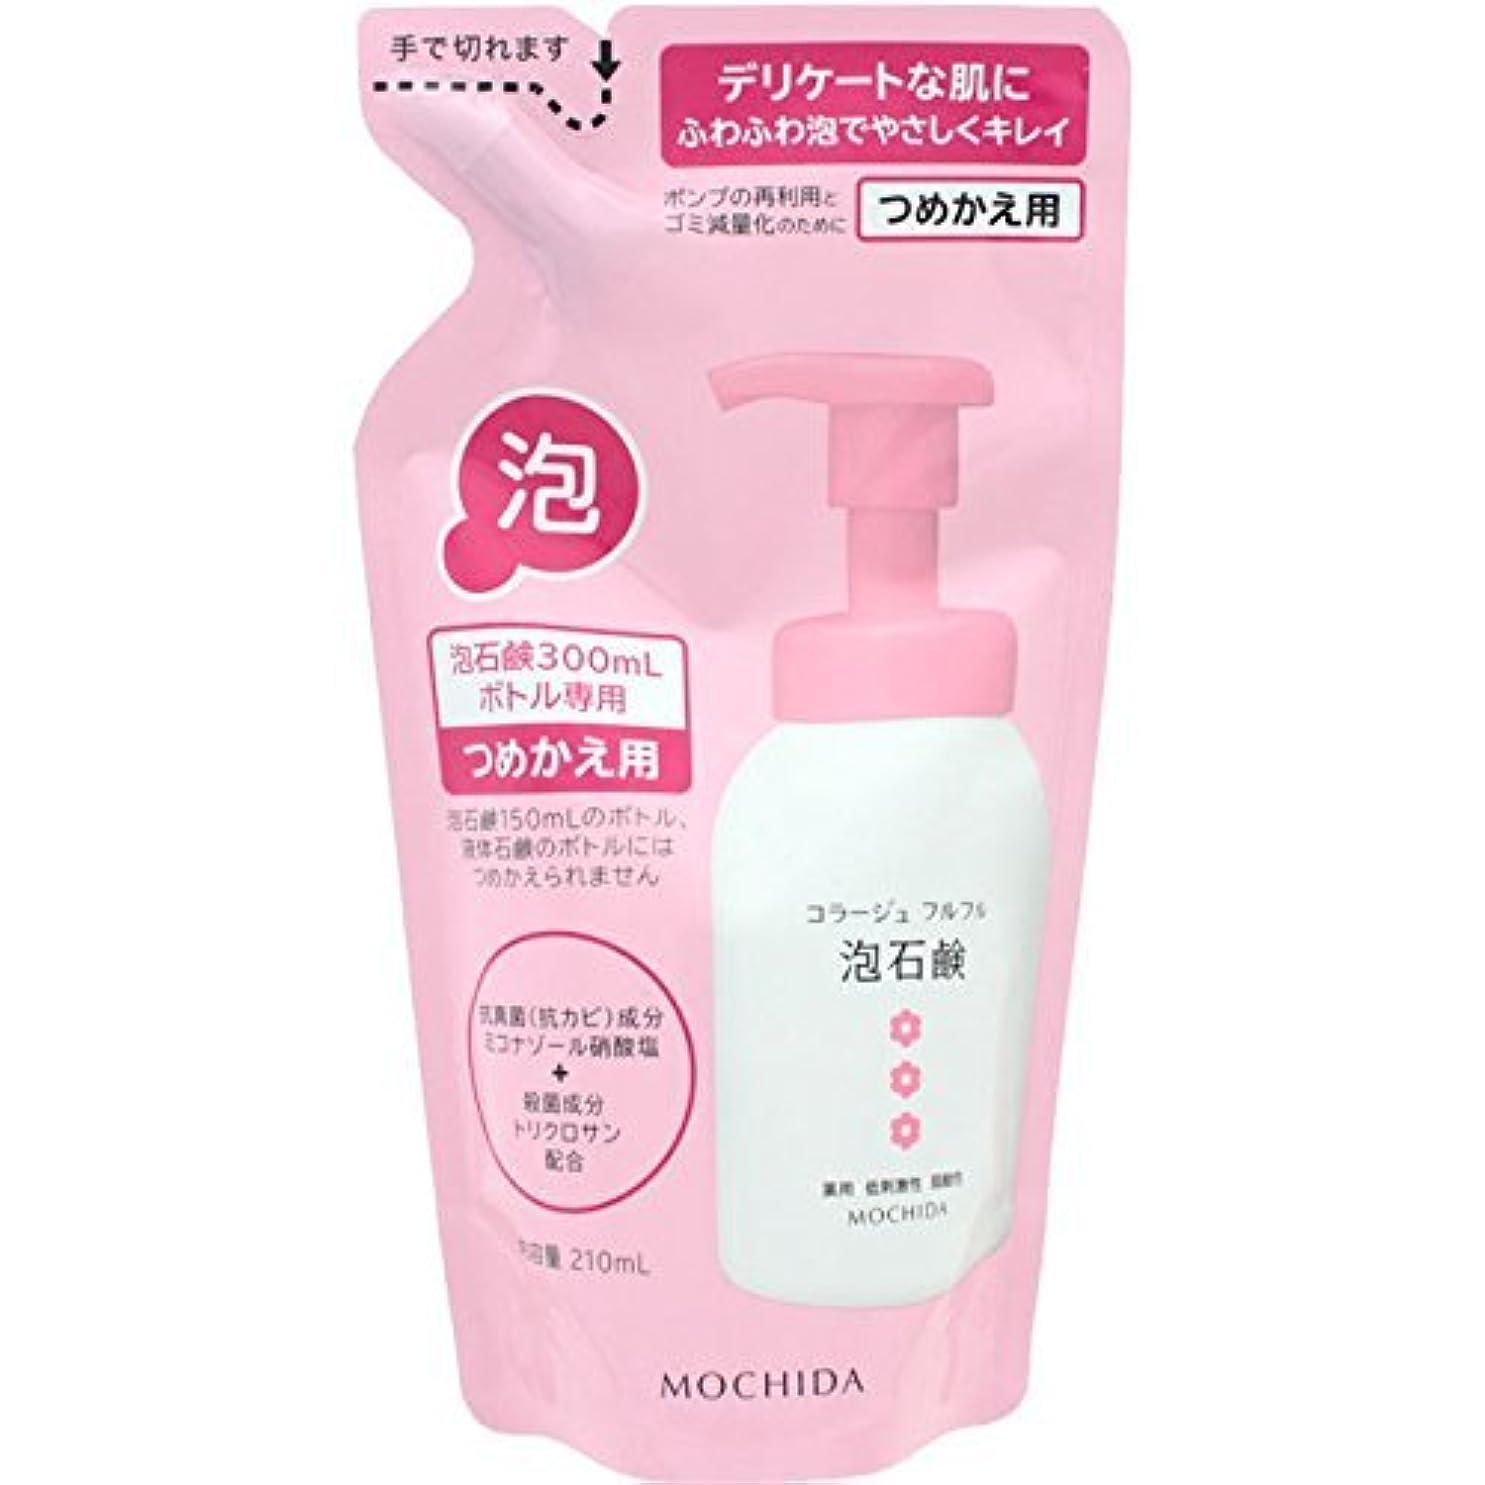 ターミナル吹きさらし考えたコラージュフルフル 泡石鹸 ピンク つめかえ用 210mL (医薬部外品)×10